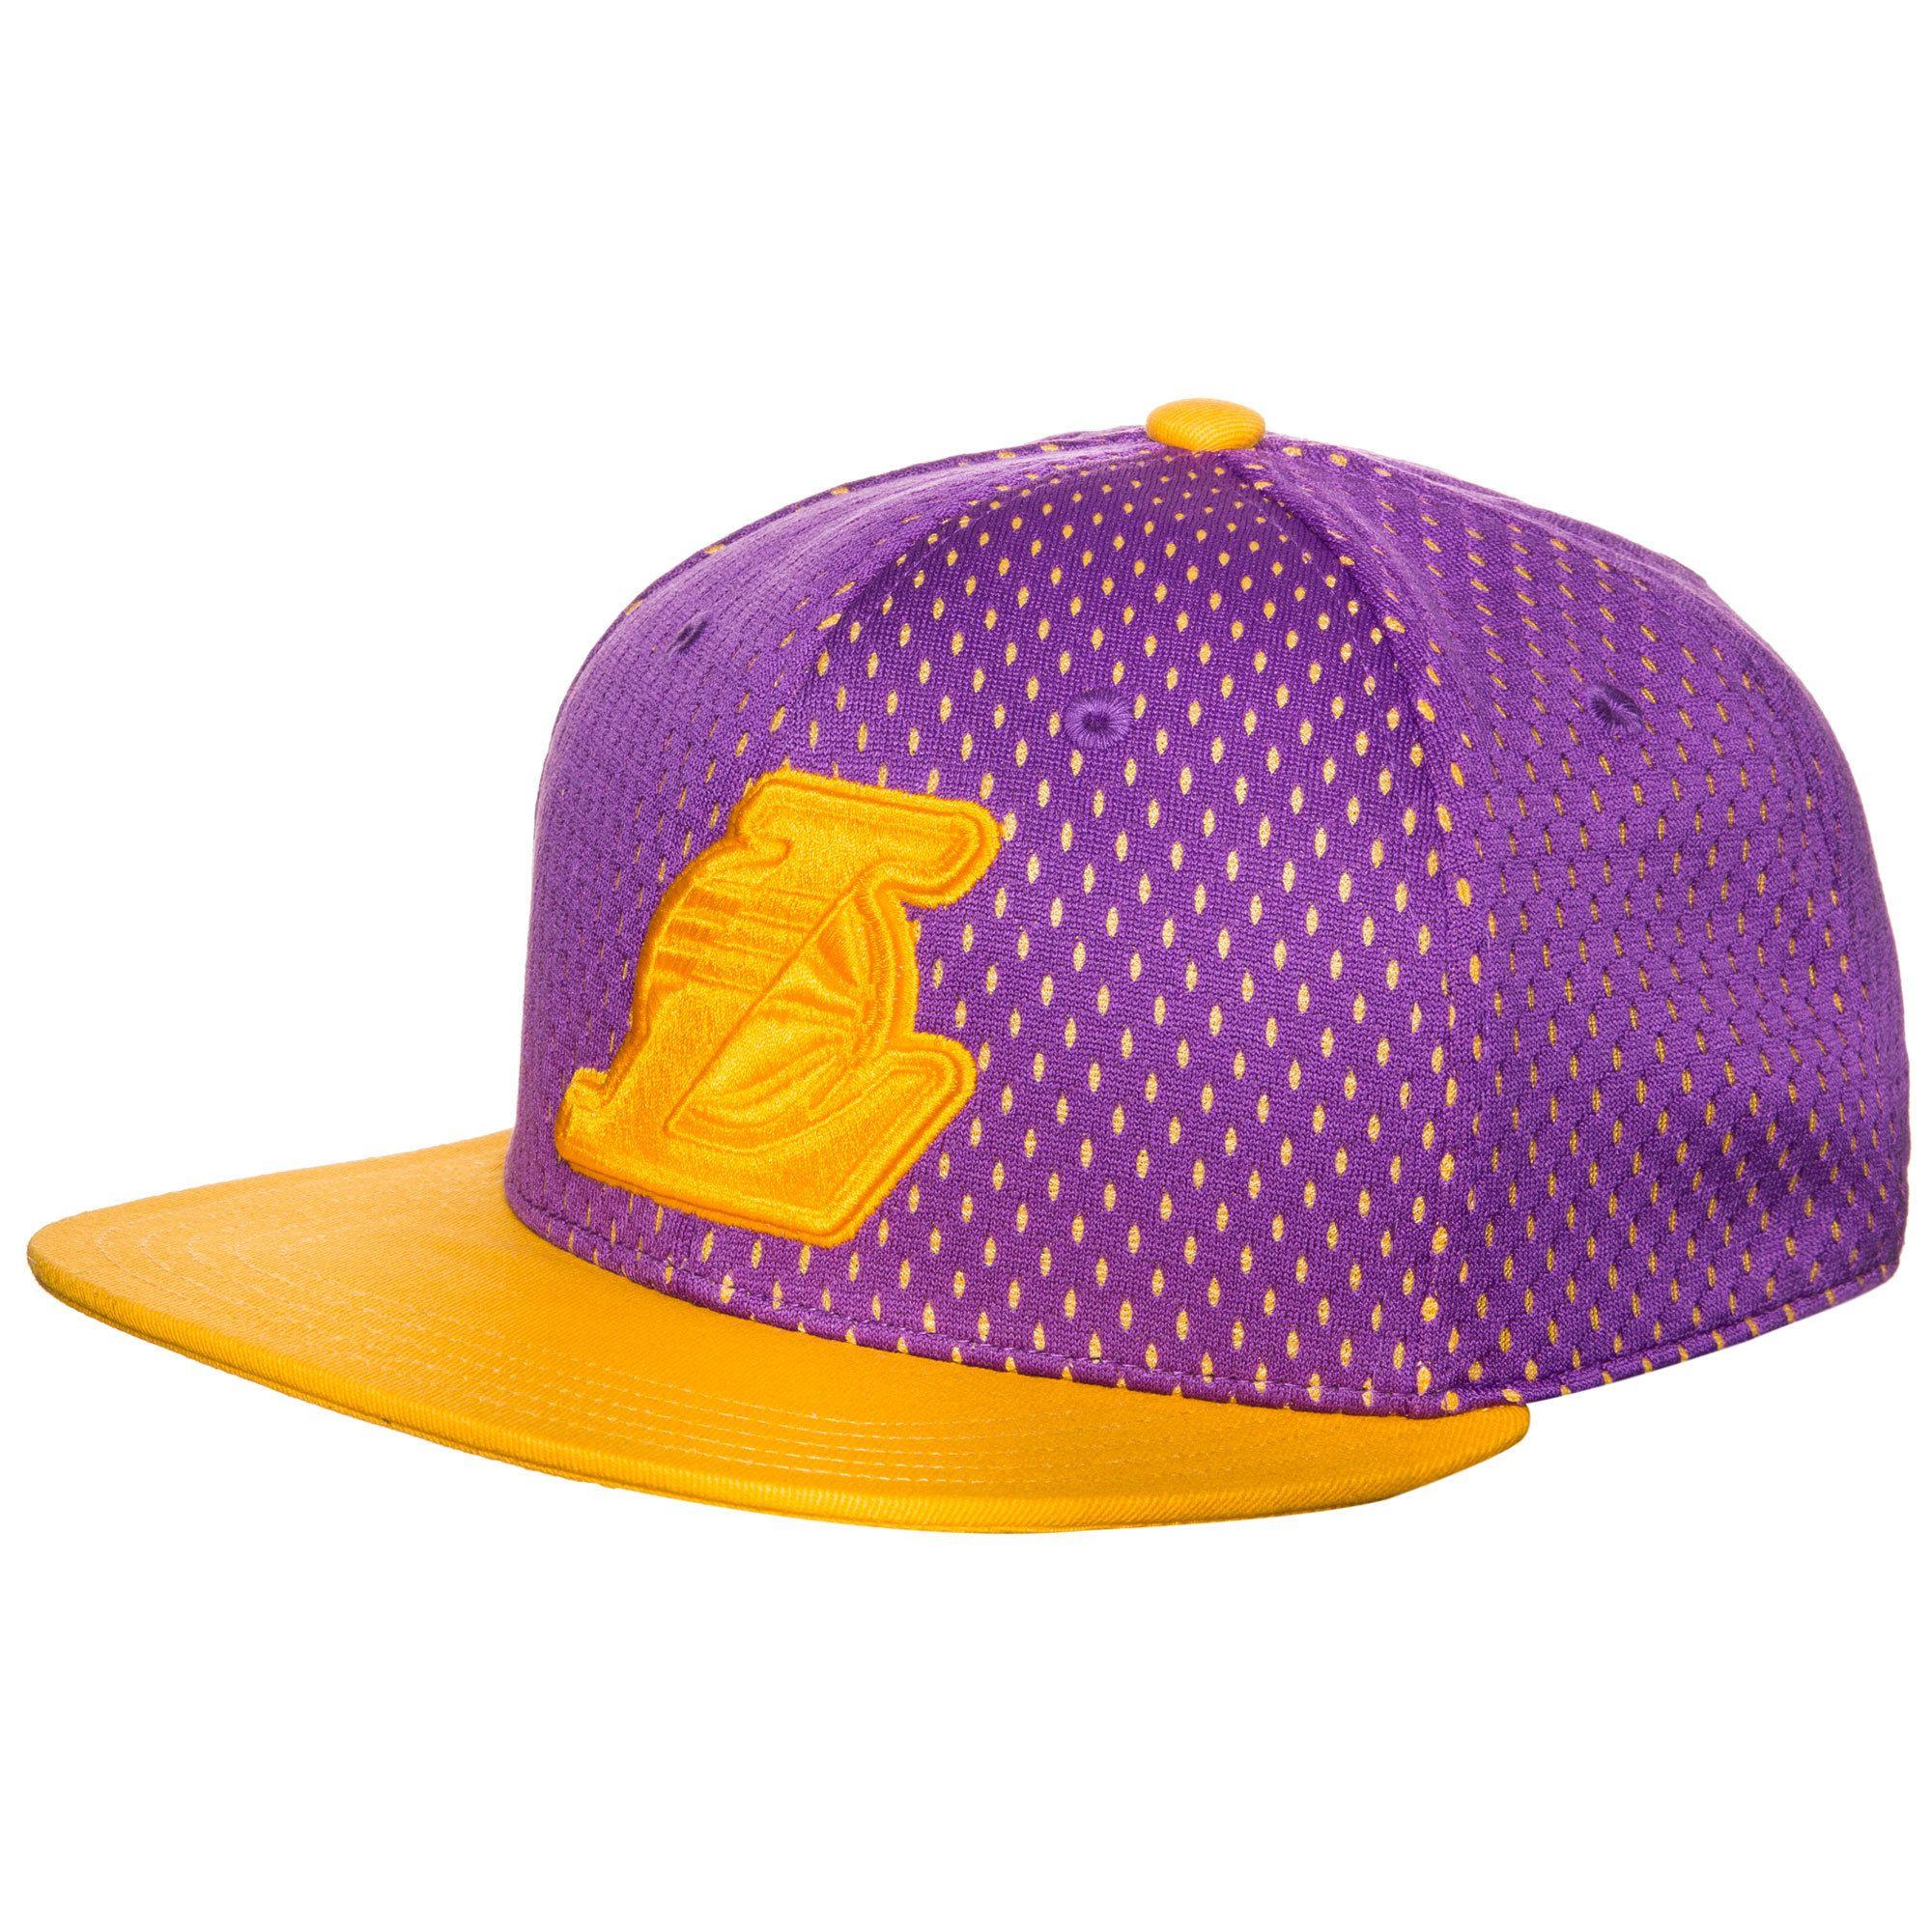 ADIDAS ORIGINALS adidas Originals NBA Snapback Lakers Cap